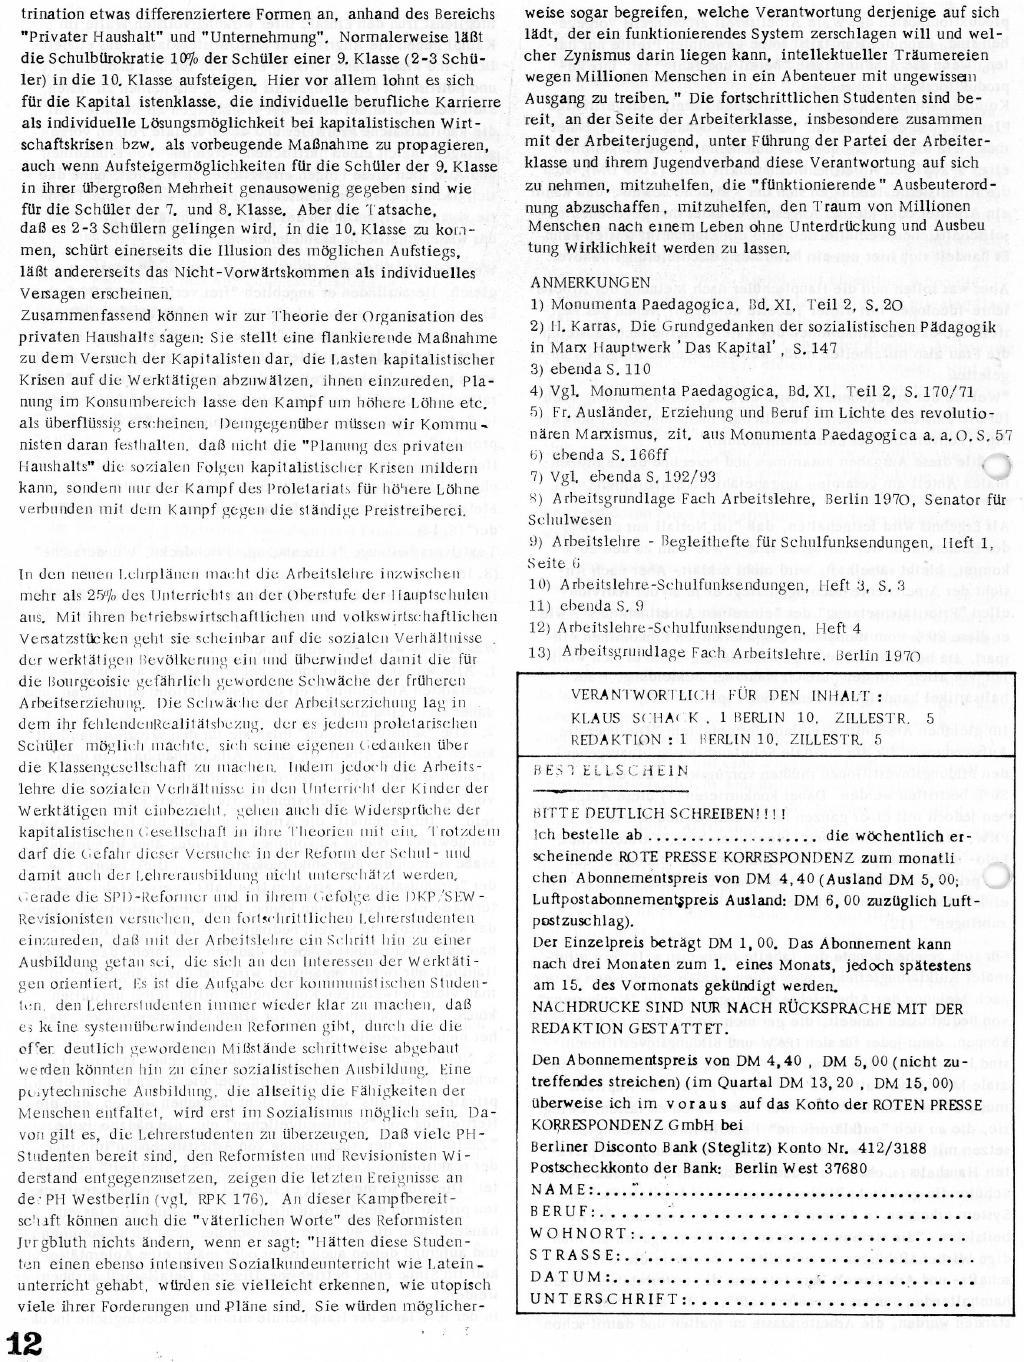 RPK_1972_177_12